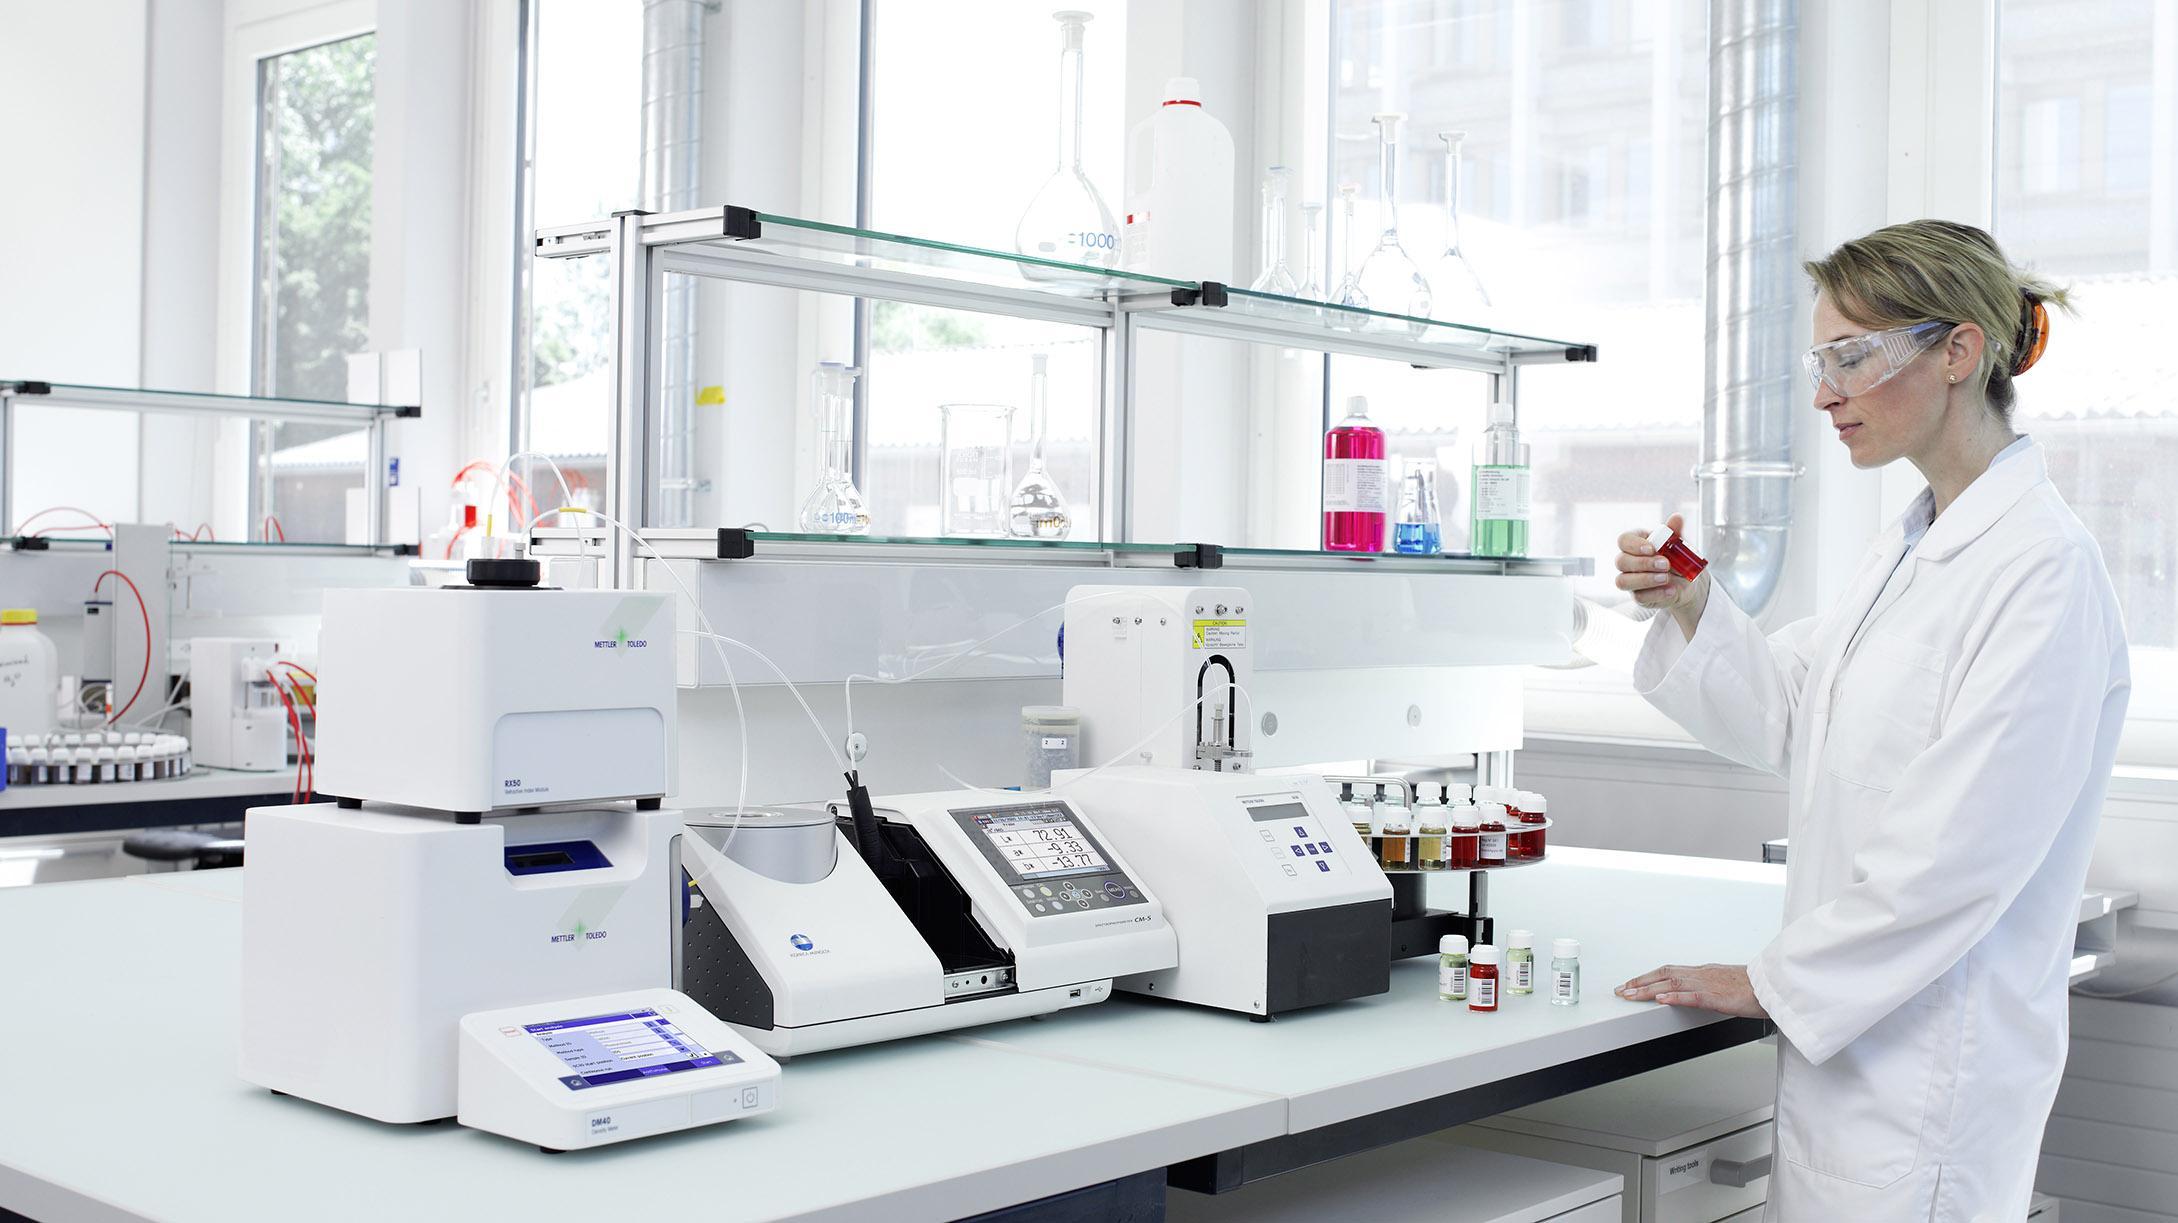 Необходимое медицинское лабораторное оборудование: что точно нужно купить